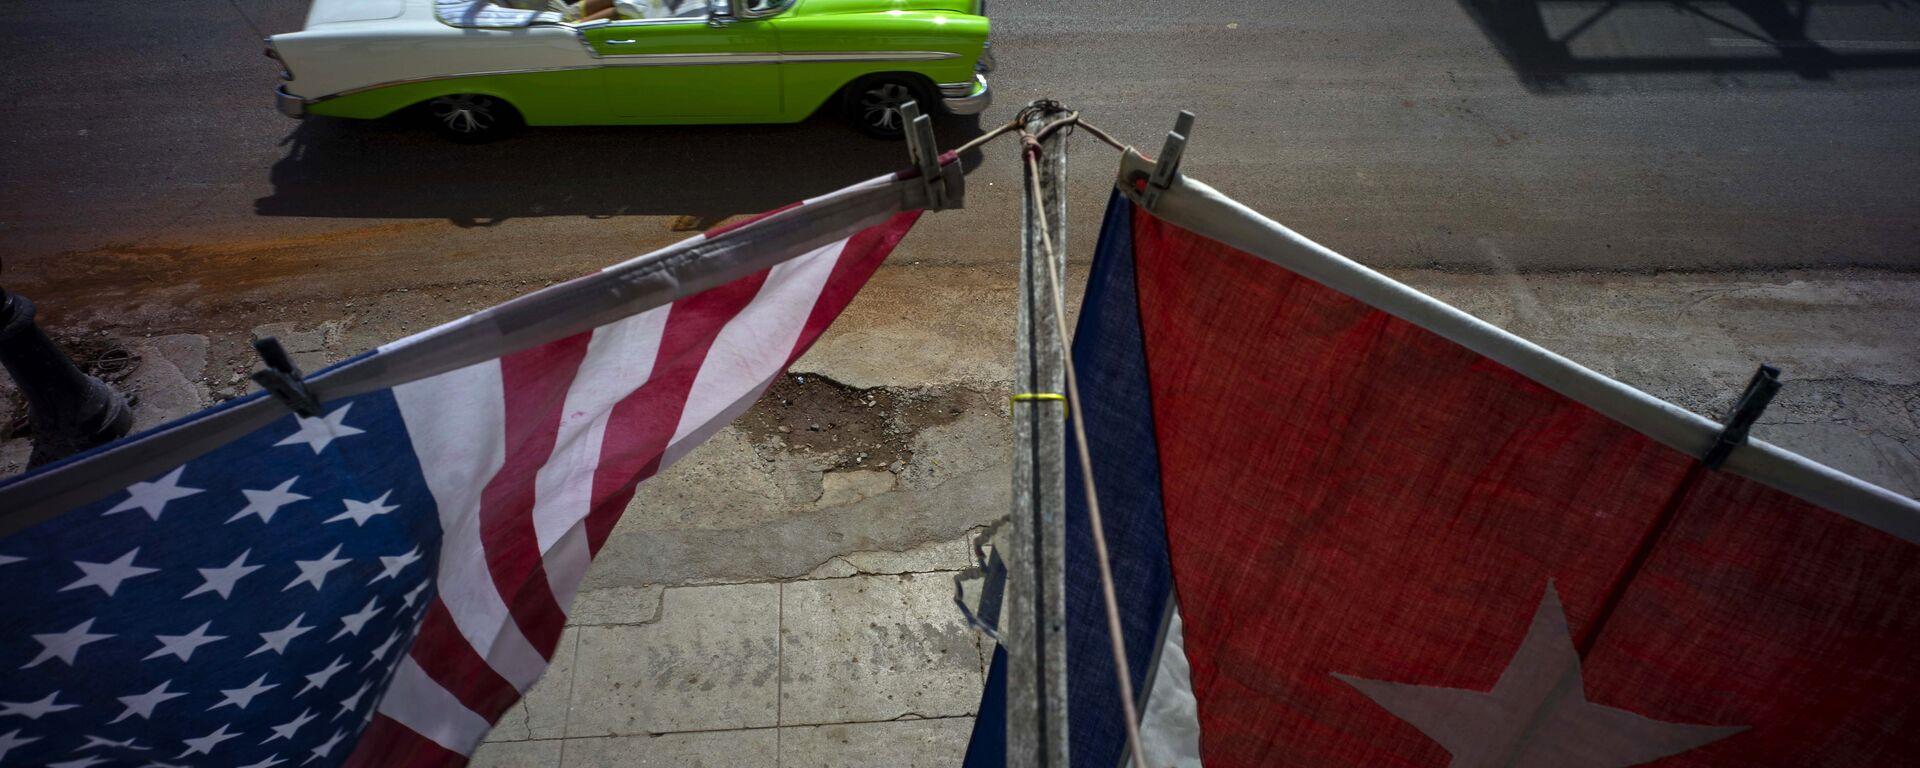 Banderas de EEUU y Cuba en La Habana - Sputnik Mundo, 1920, 02.06.2021